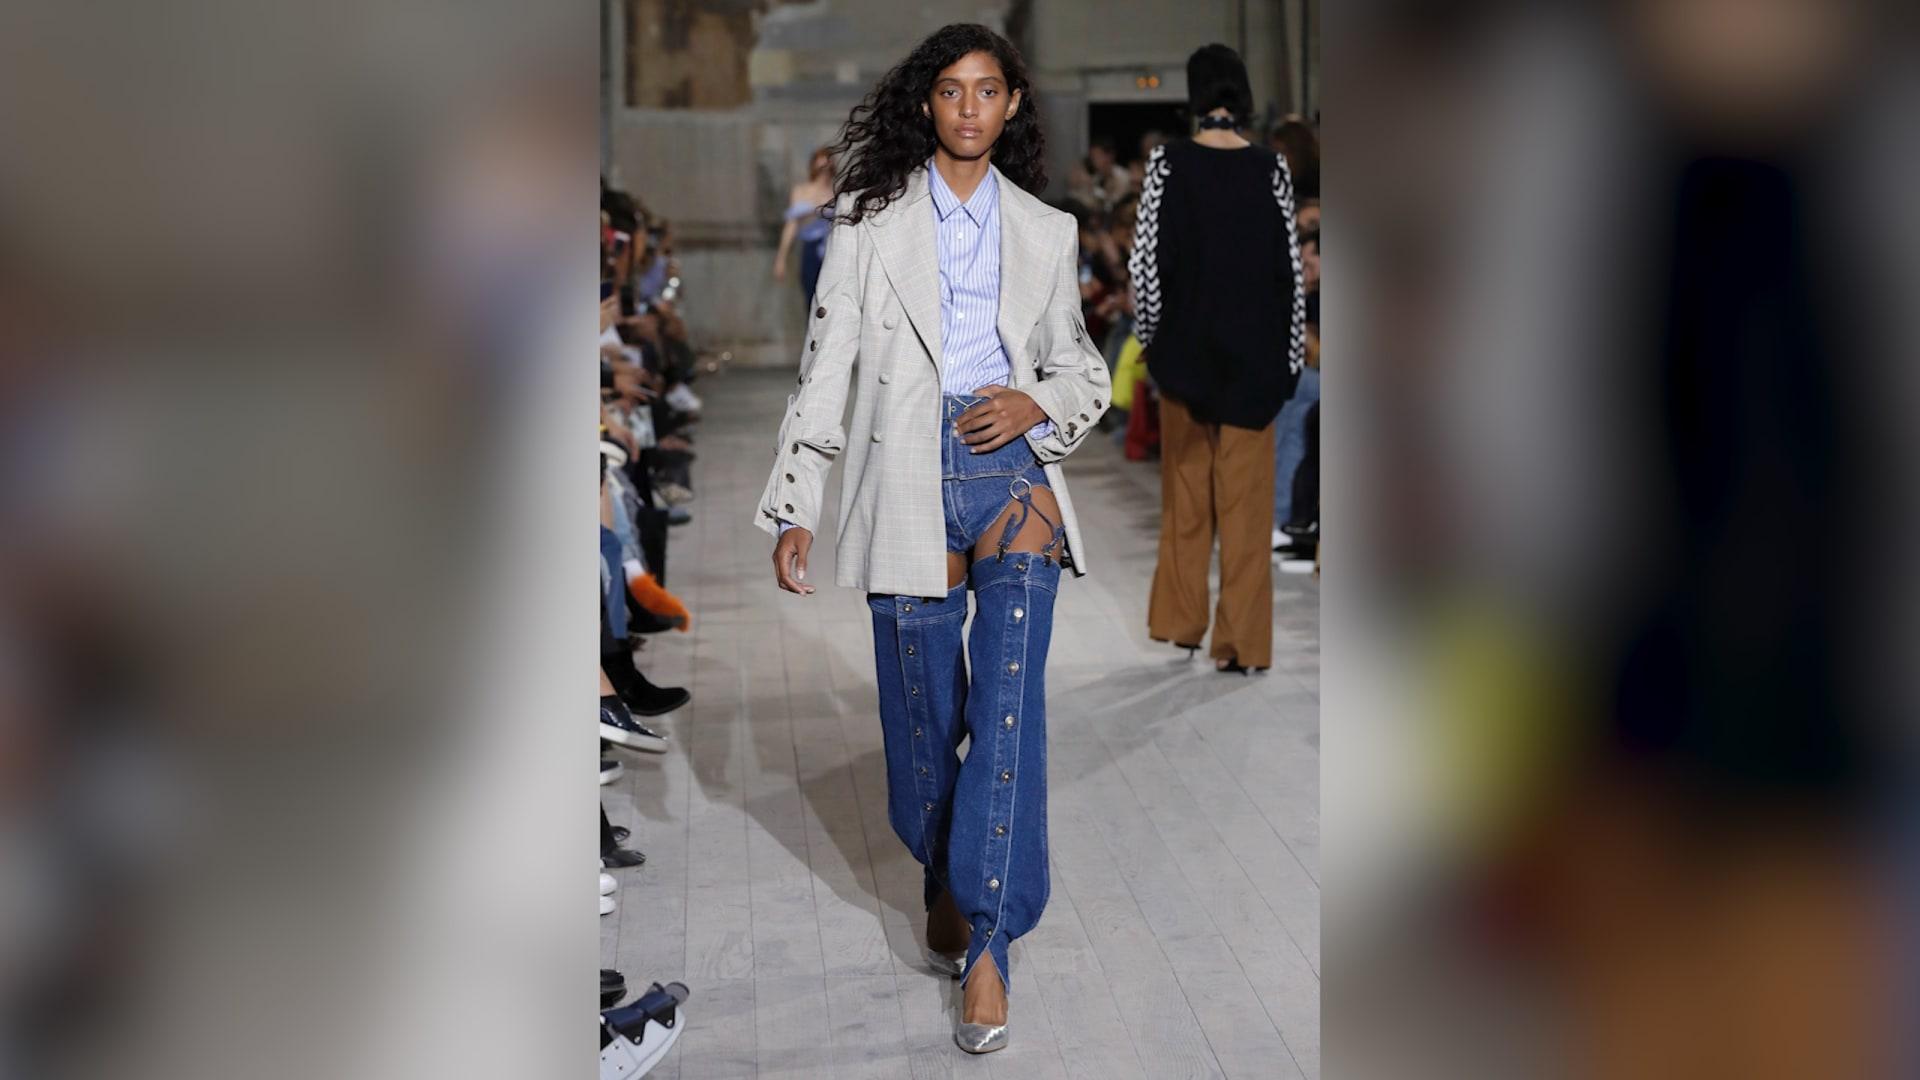 جينز على هيئة سروال داخلي خاص بالنساء.. كيف يبدو؟